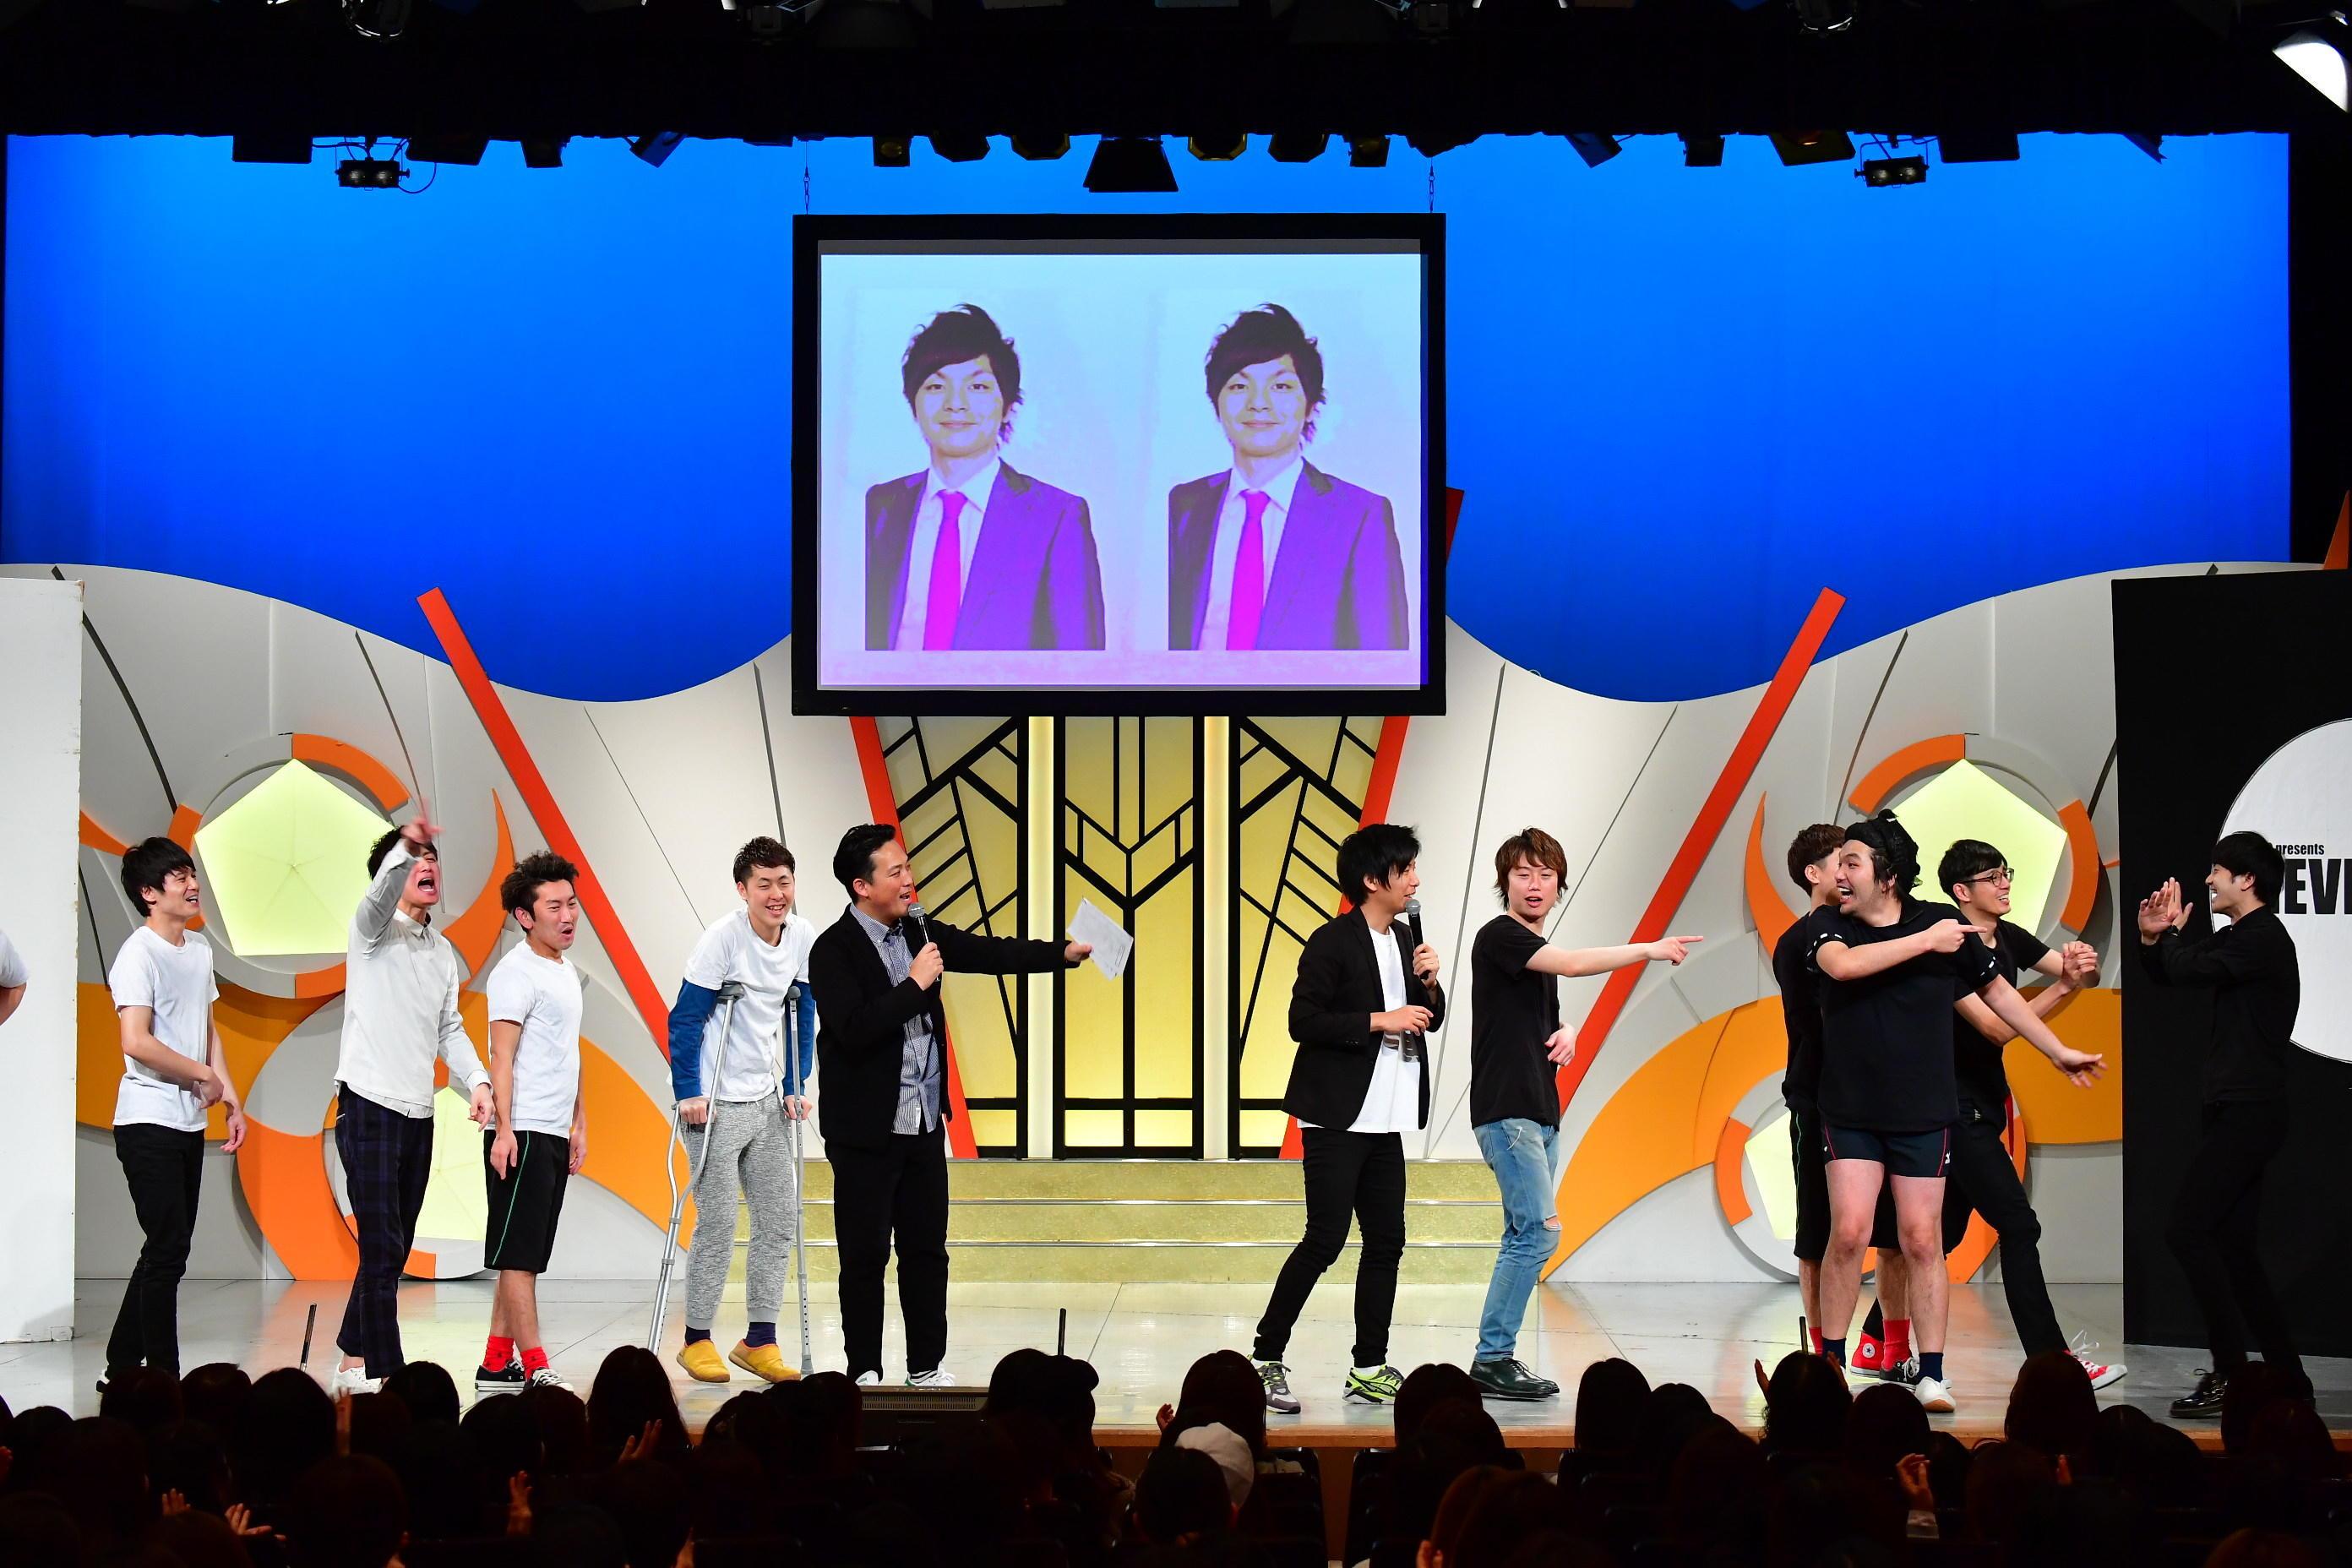 http://news.yoshimoto.co.jp/20180305134218-882725aafce2579ba3d8a3d9902cf04d87ff1a1a.jpg